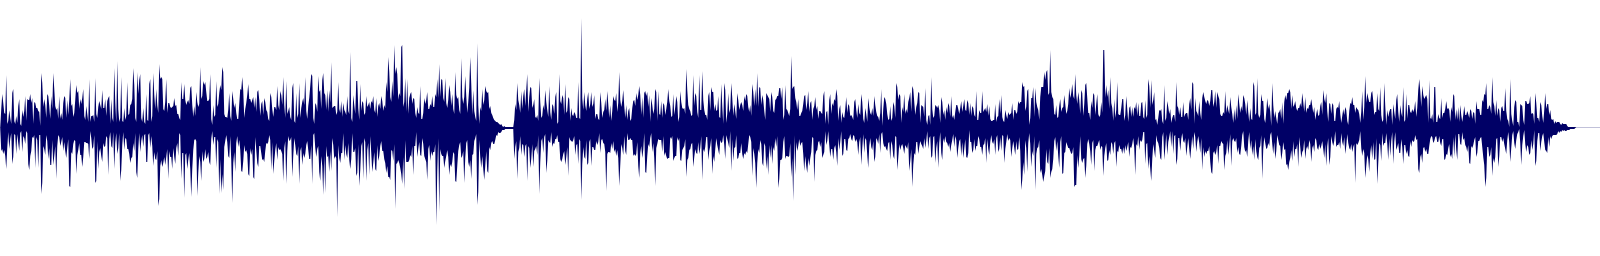 waveform of track #145556